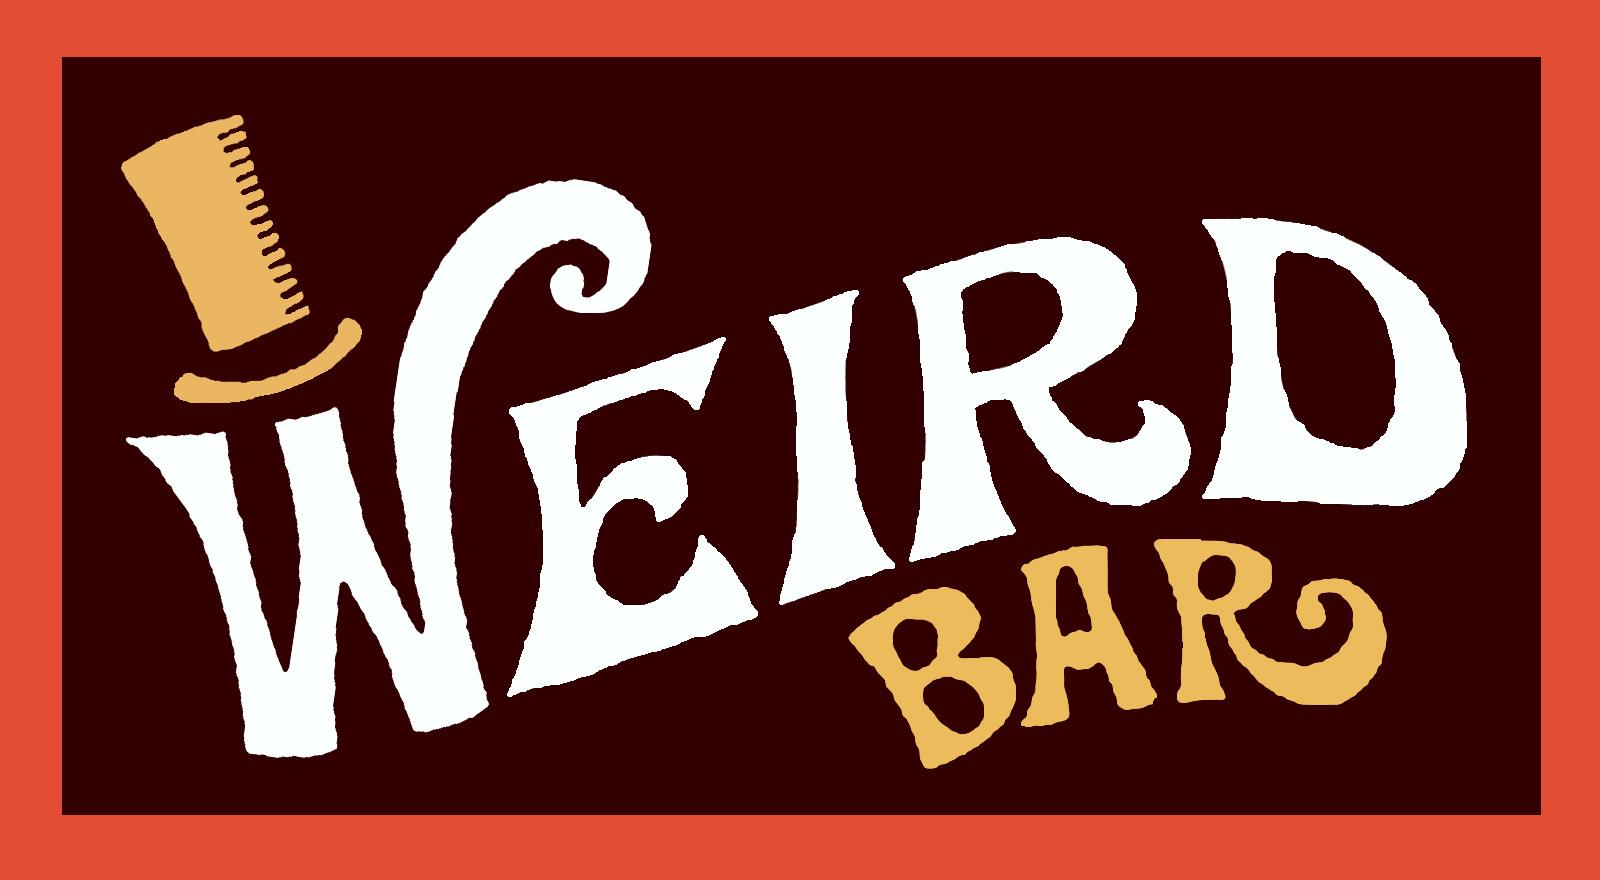 Weird Bar